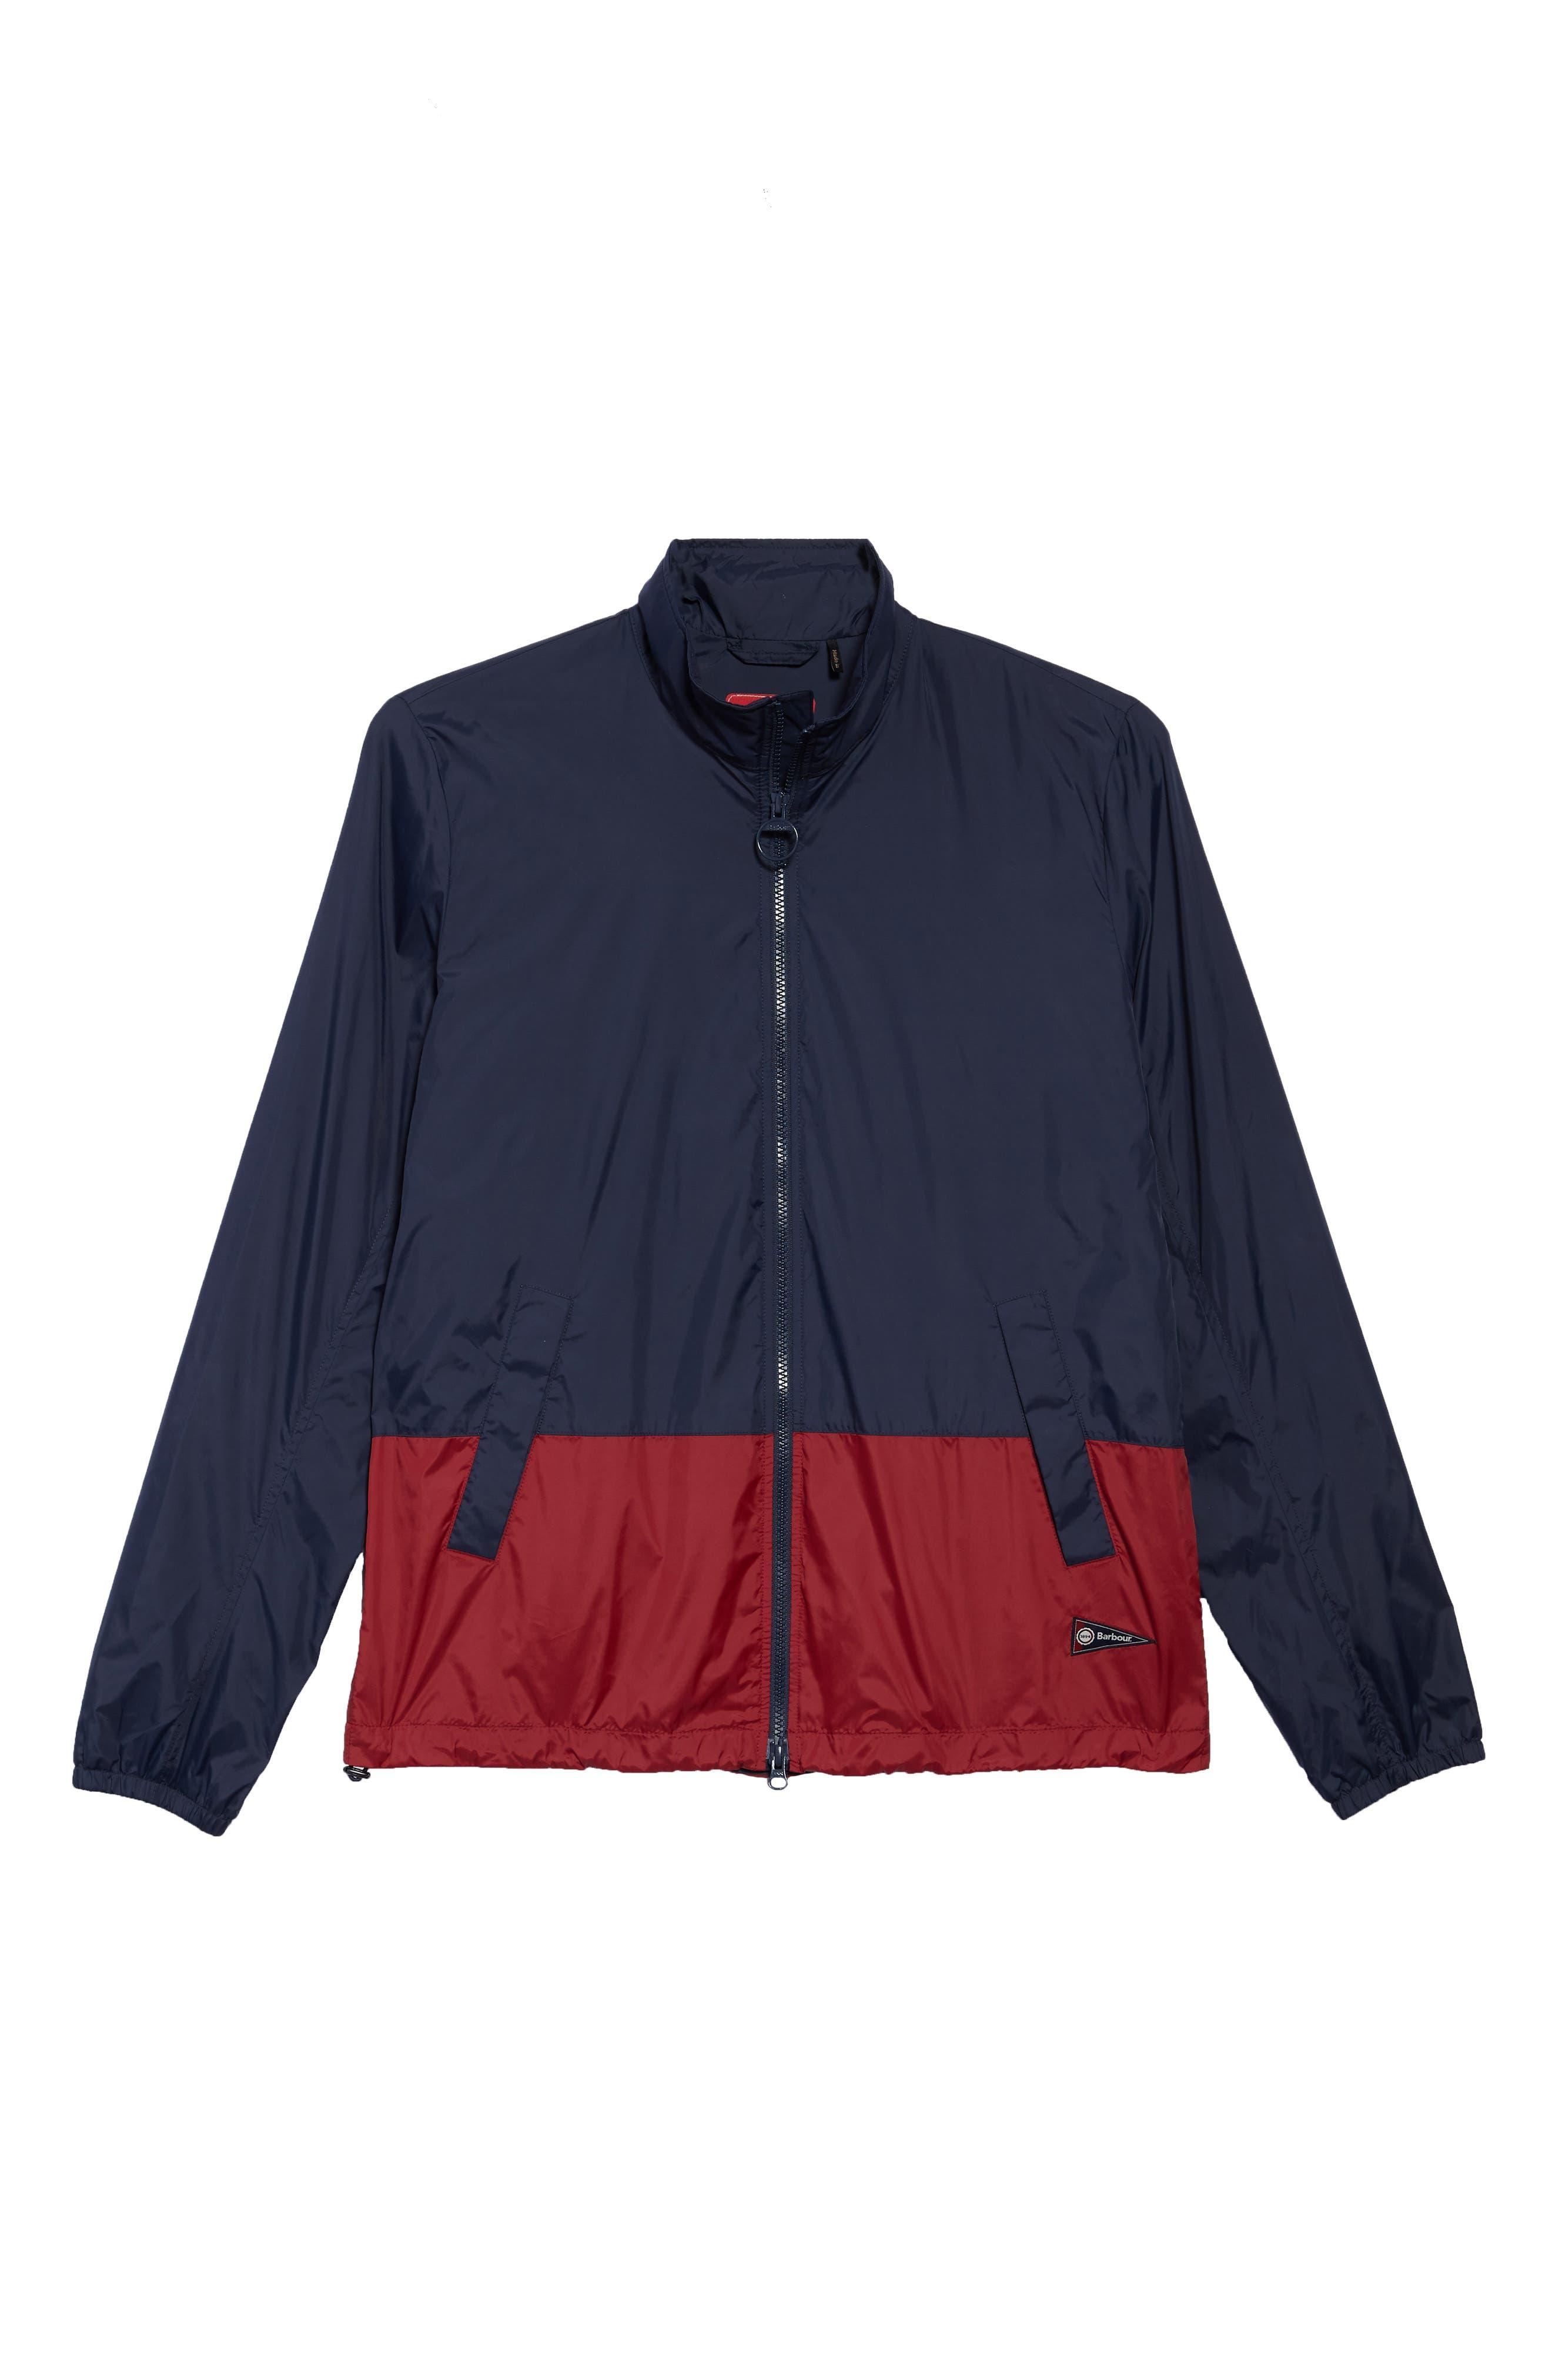 Bollen Jacket,                             Alternate thumbnail 5, color,                             Navy